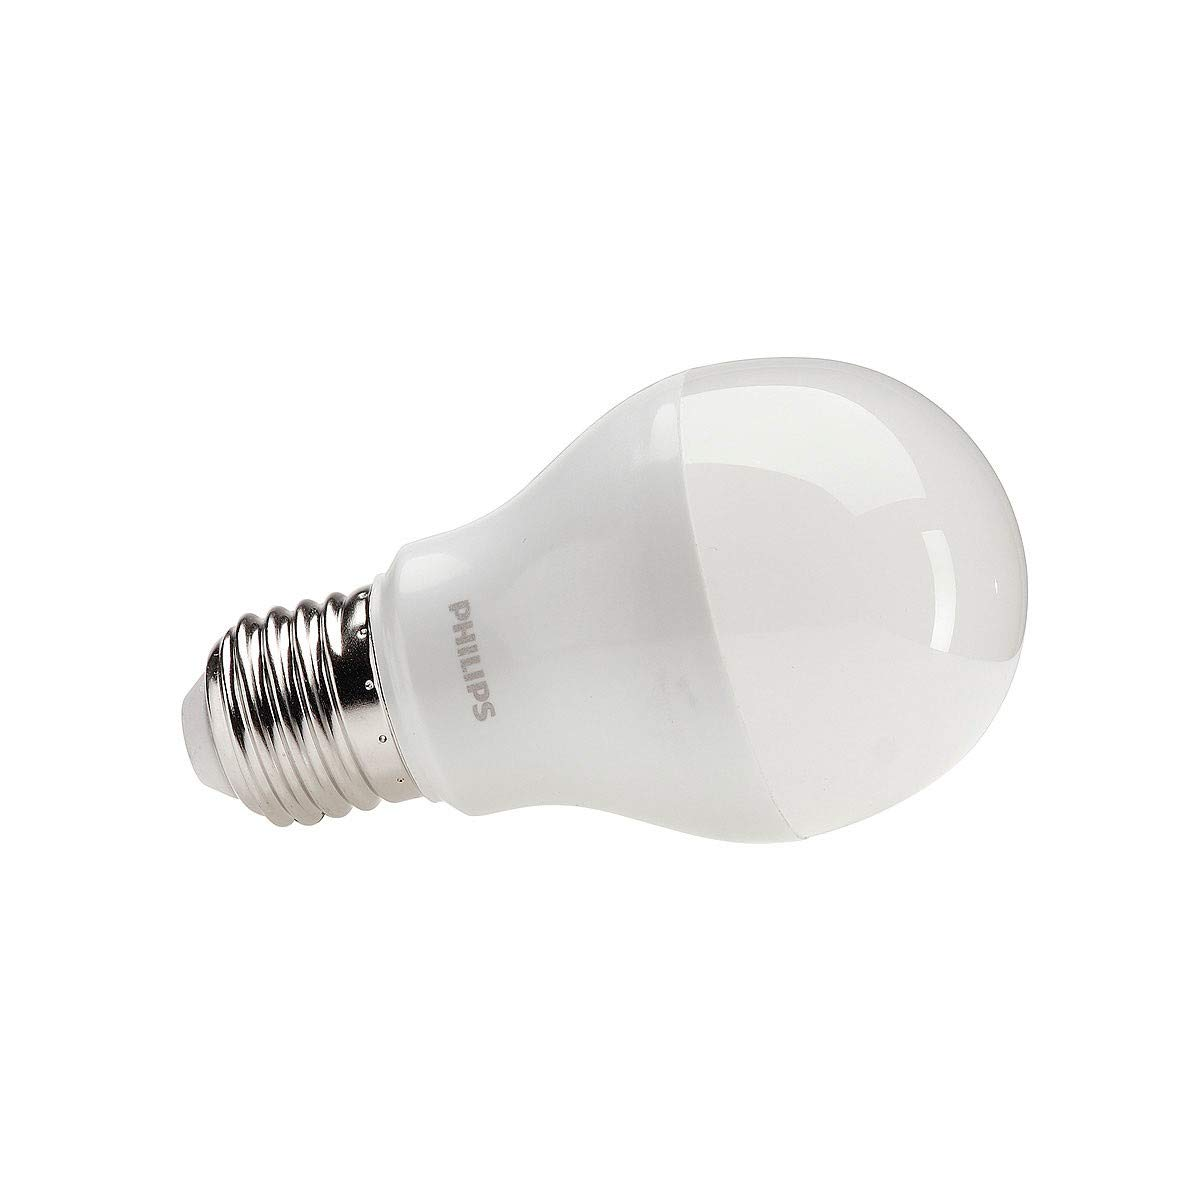 Slv - Lámpara phillips corepro led bulb e27 6w 2700k: Amazon.es: Iluminación